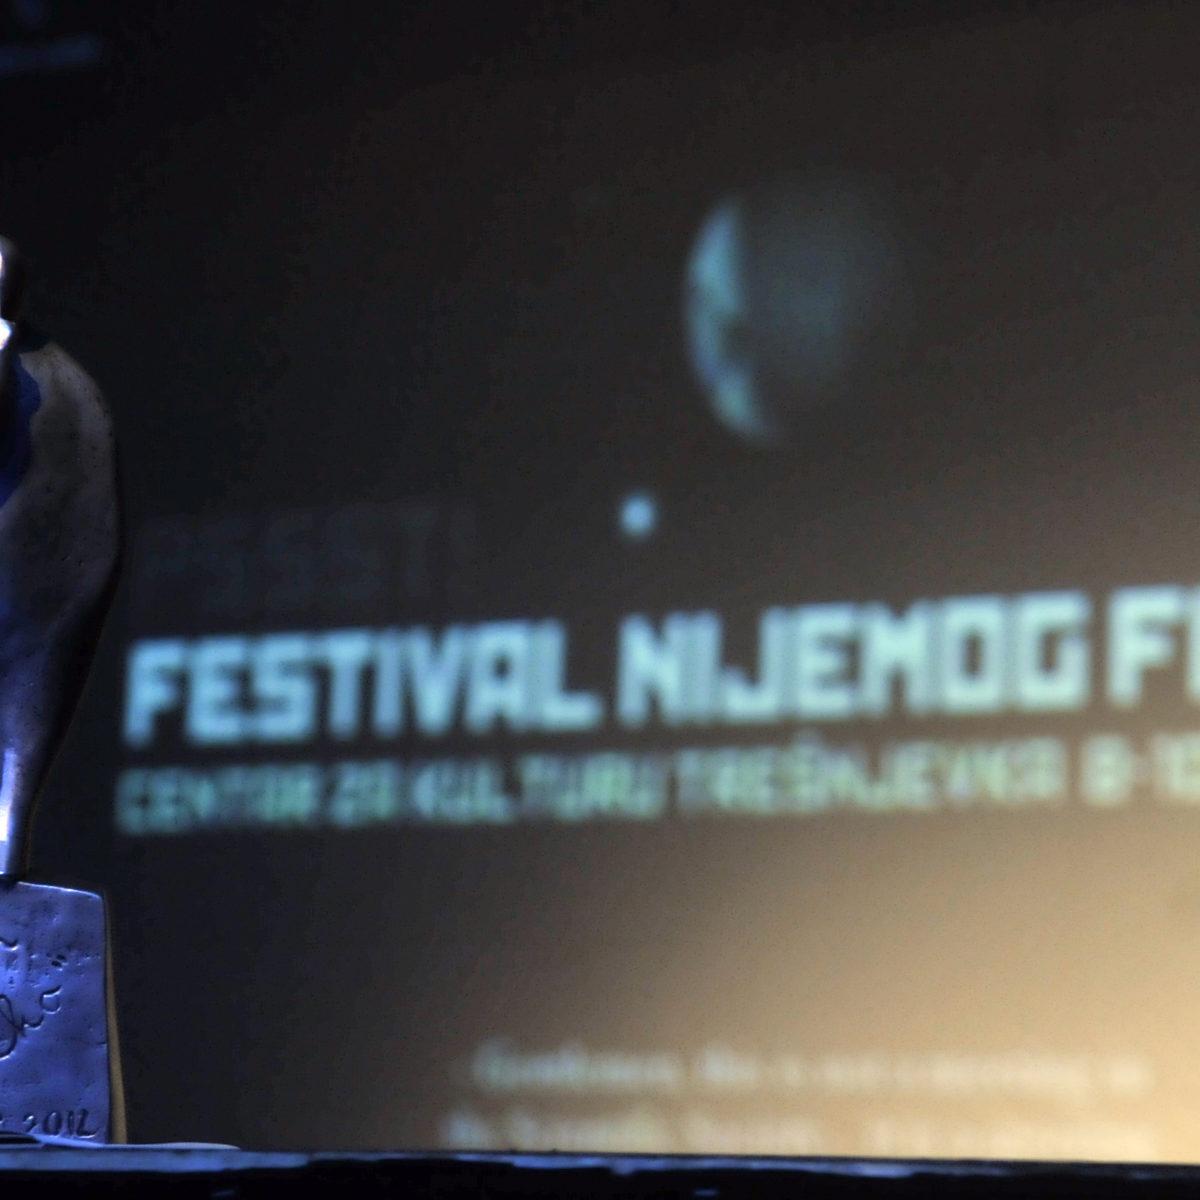 Završio 6. PSSST!: Brcko u Bugarsku, nagrada publike u Argentinu